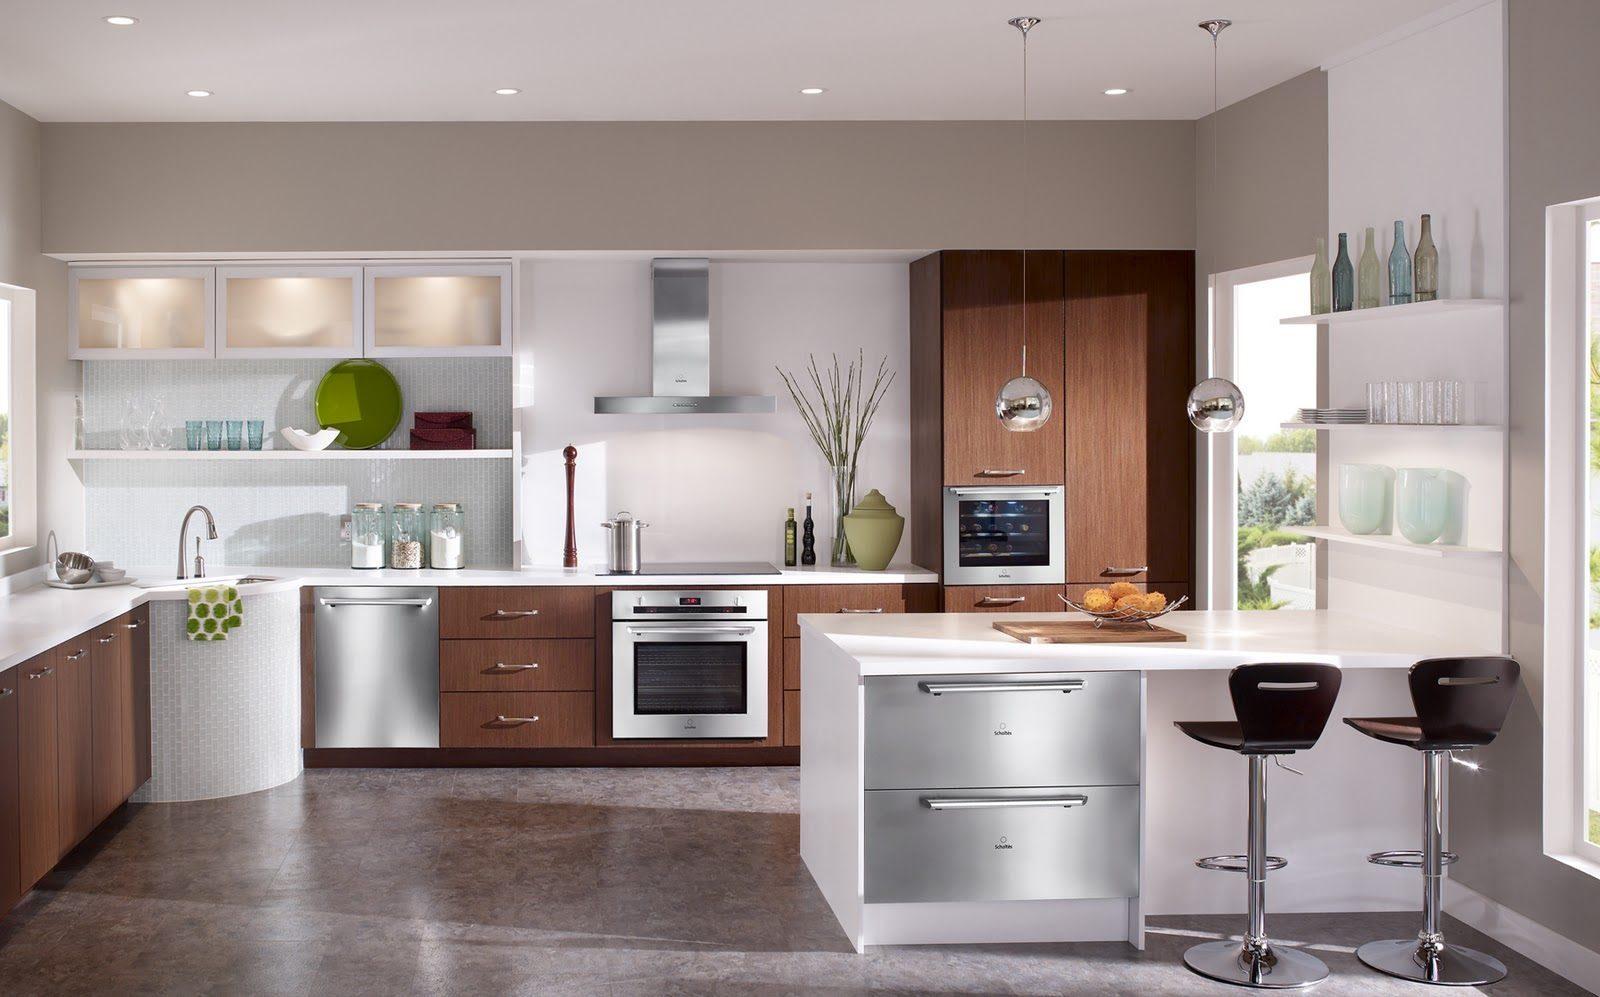 Escoger electrodom sticos de cocina for Cocinas completas con electrodomesticos